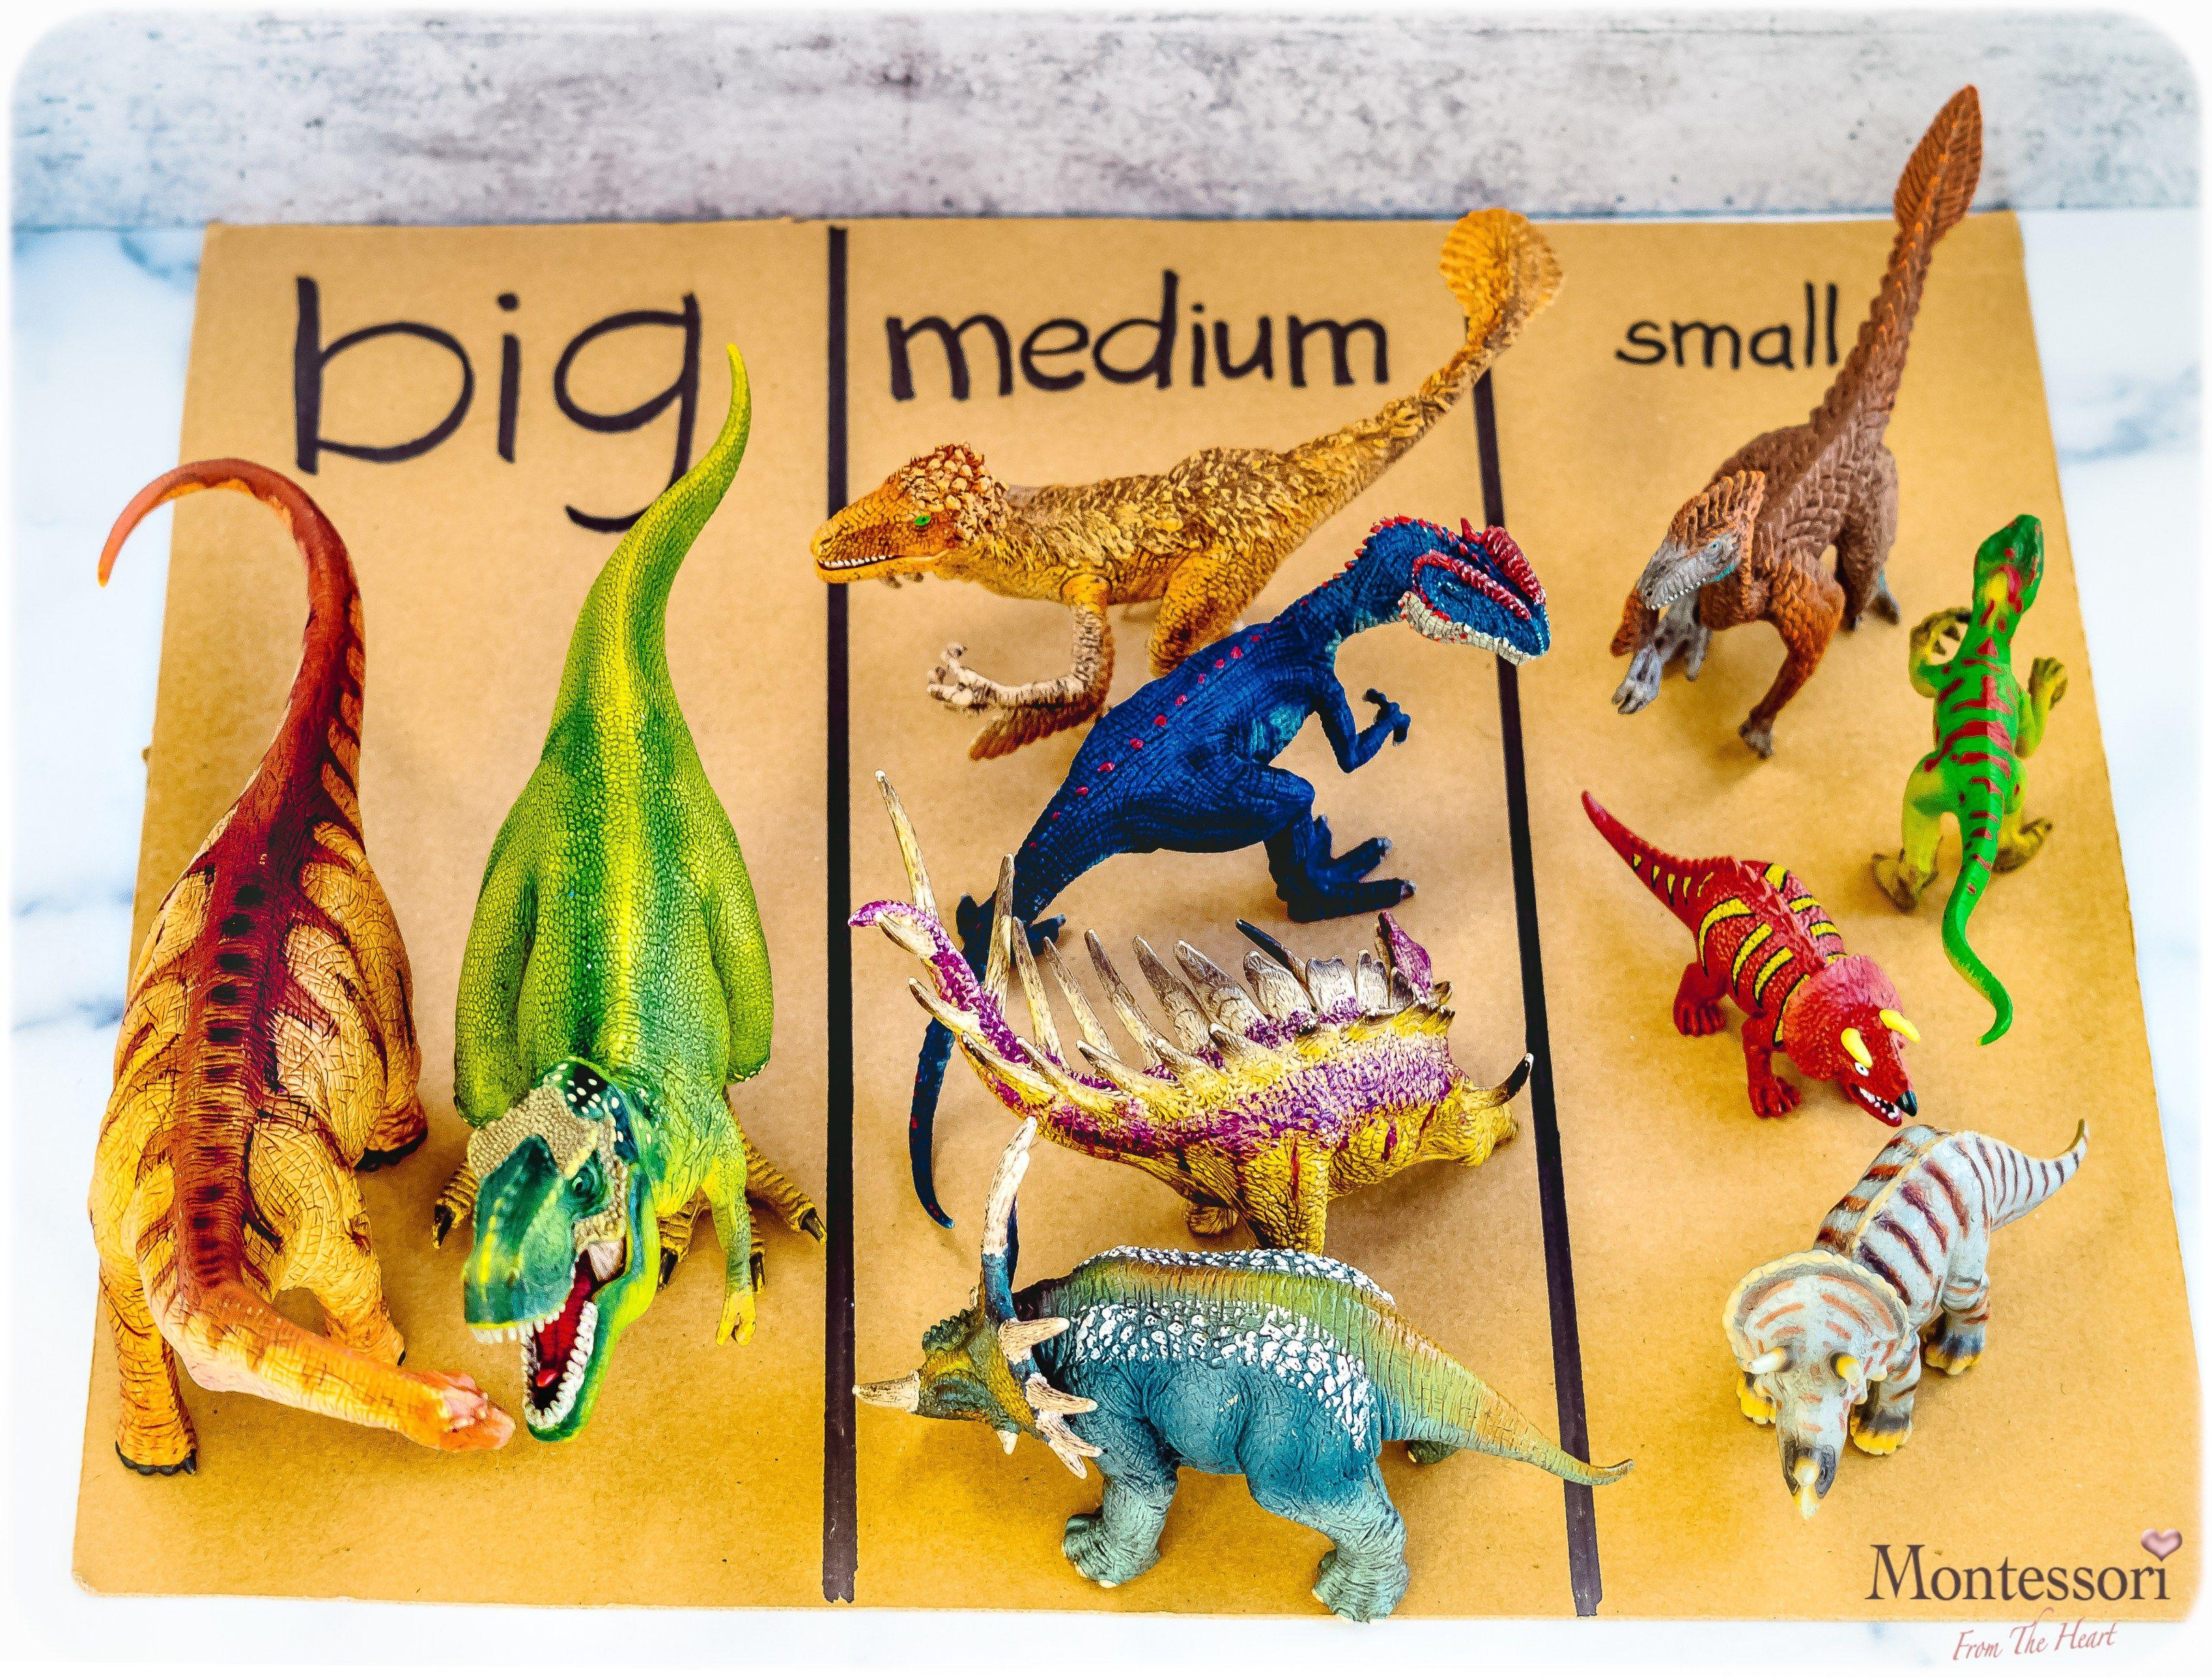 Dino Schleich Big Medium Small Sort Kids Activity